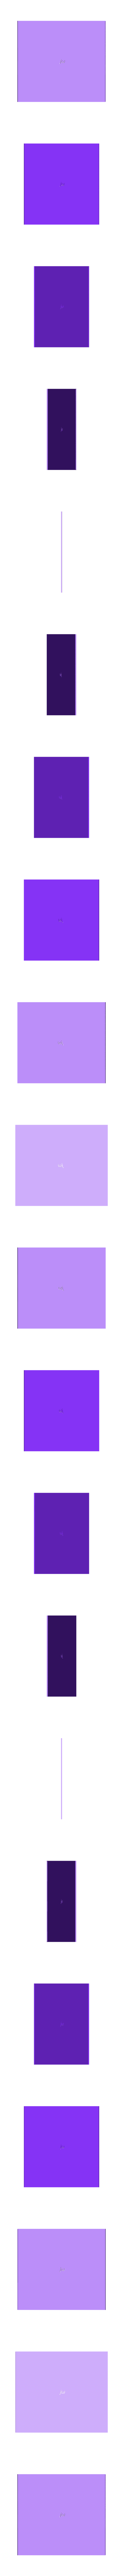 Outline.stl Download free STL file Metaphor • 3D printing template, JayOmega